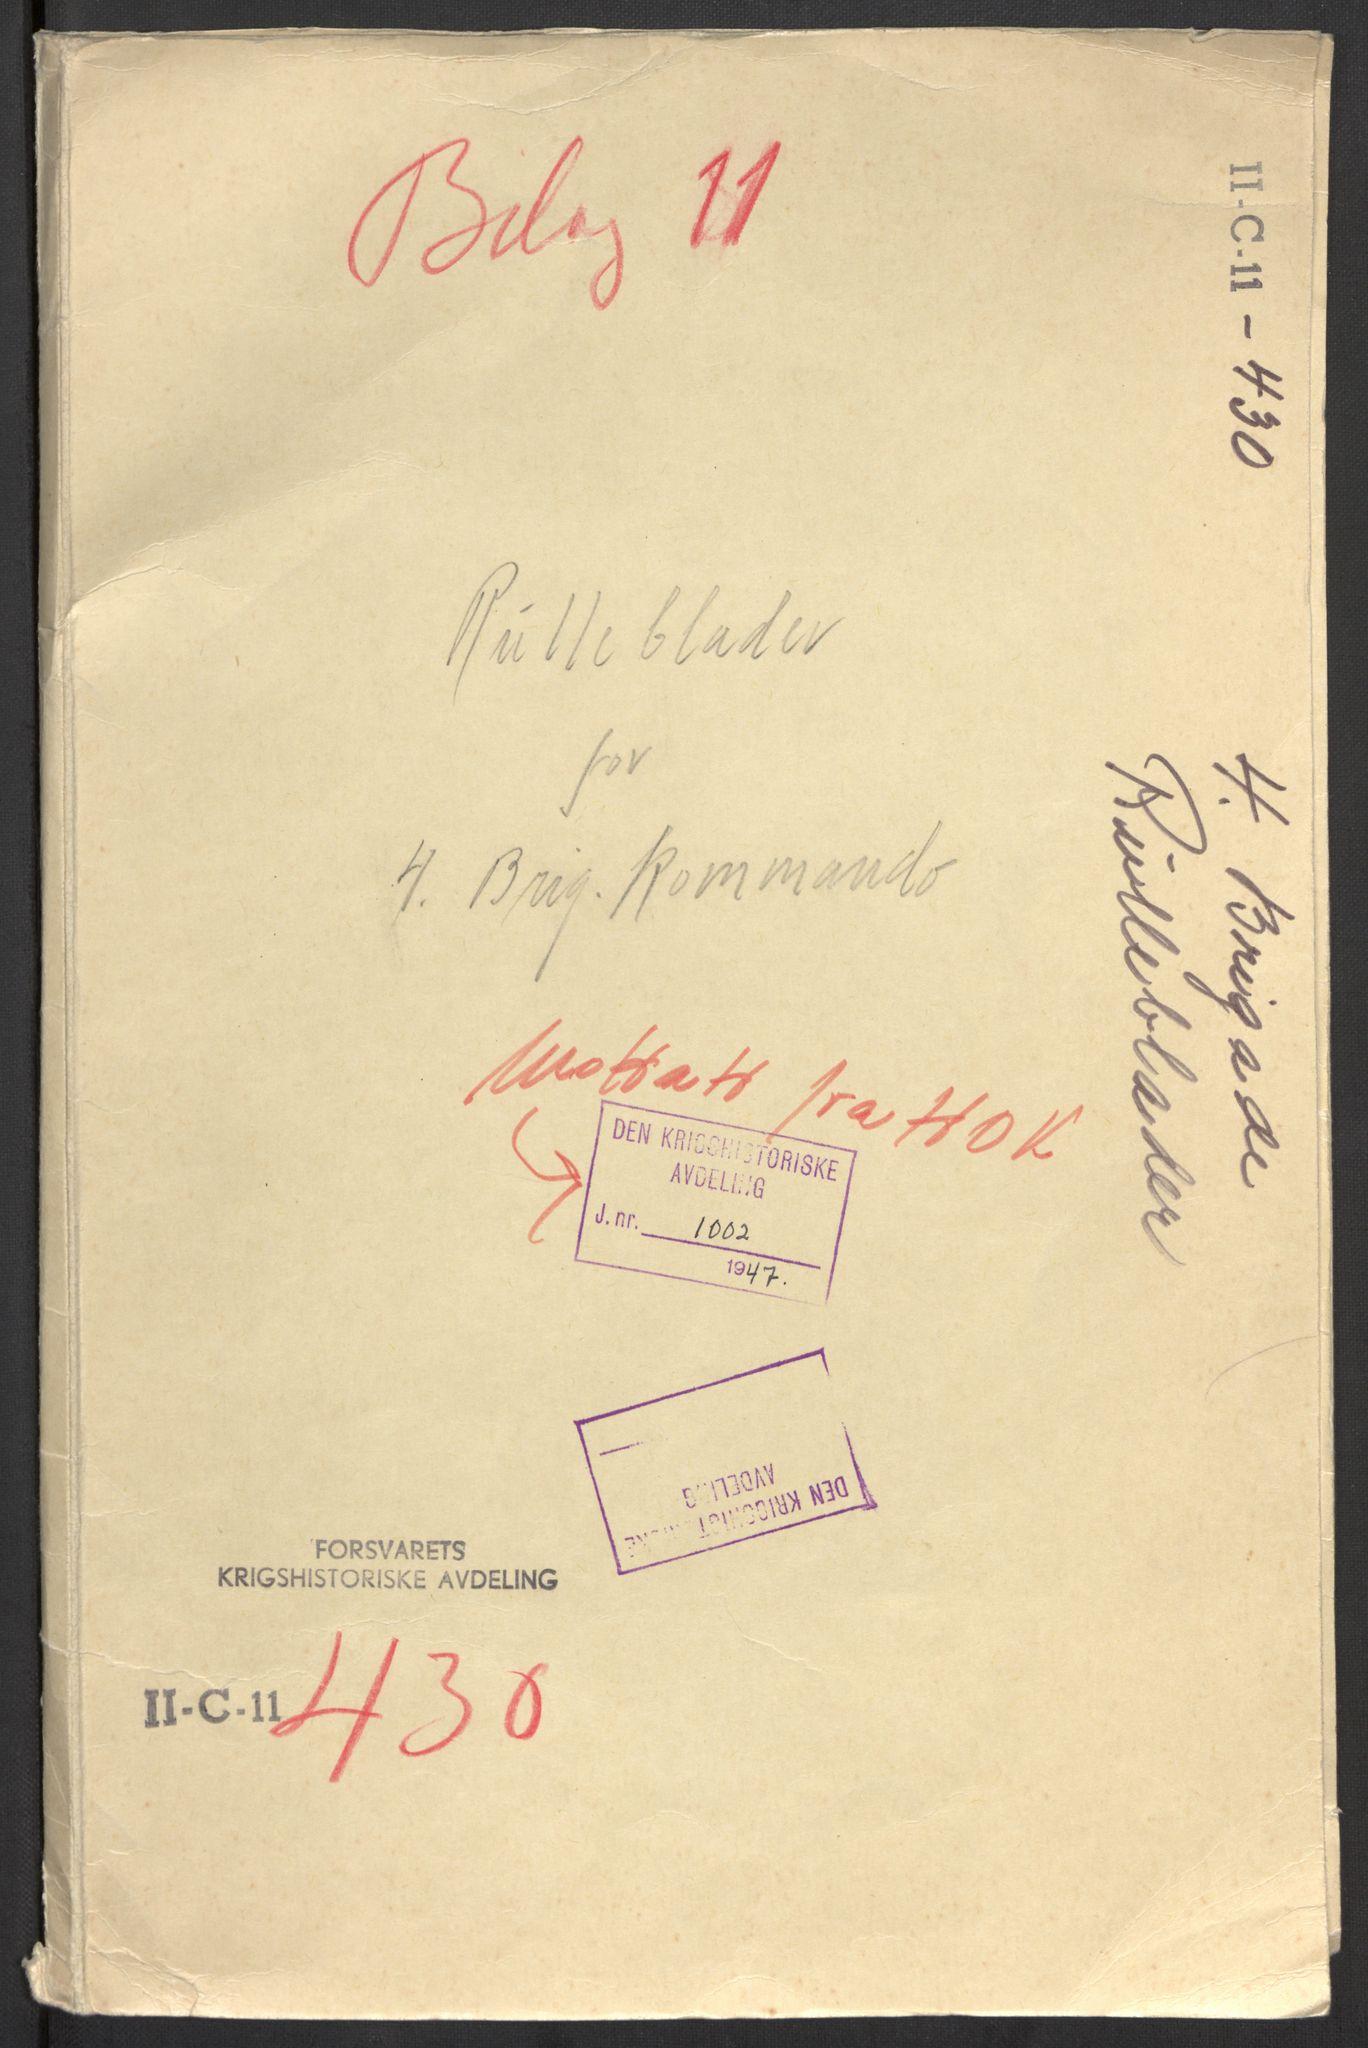 RA, Forsvaret, Forsvarets krigshistoriske avdeling, Y/Yb/L0104: II-C-11-430  -  4. Divisjon., 1940, p. 618